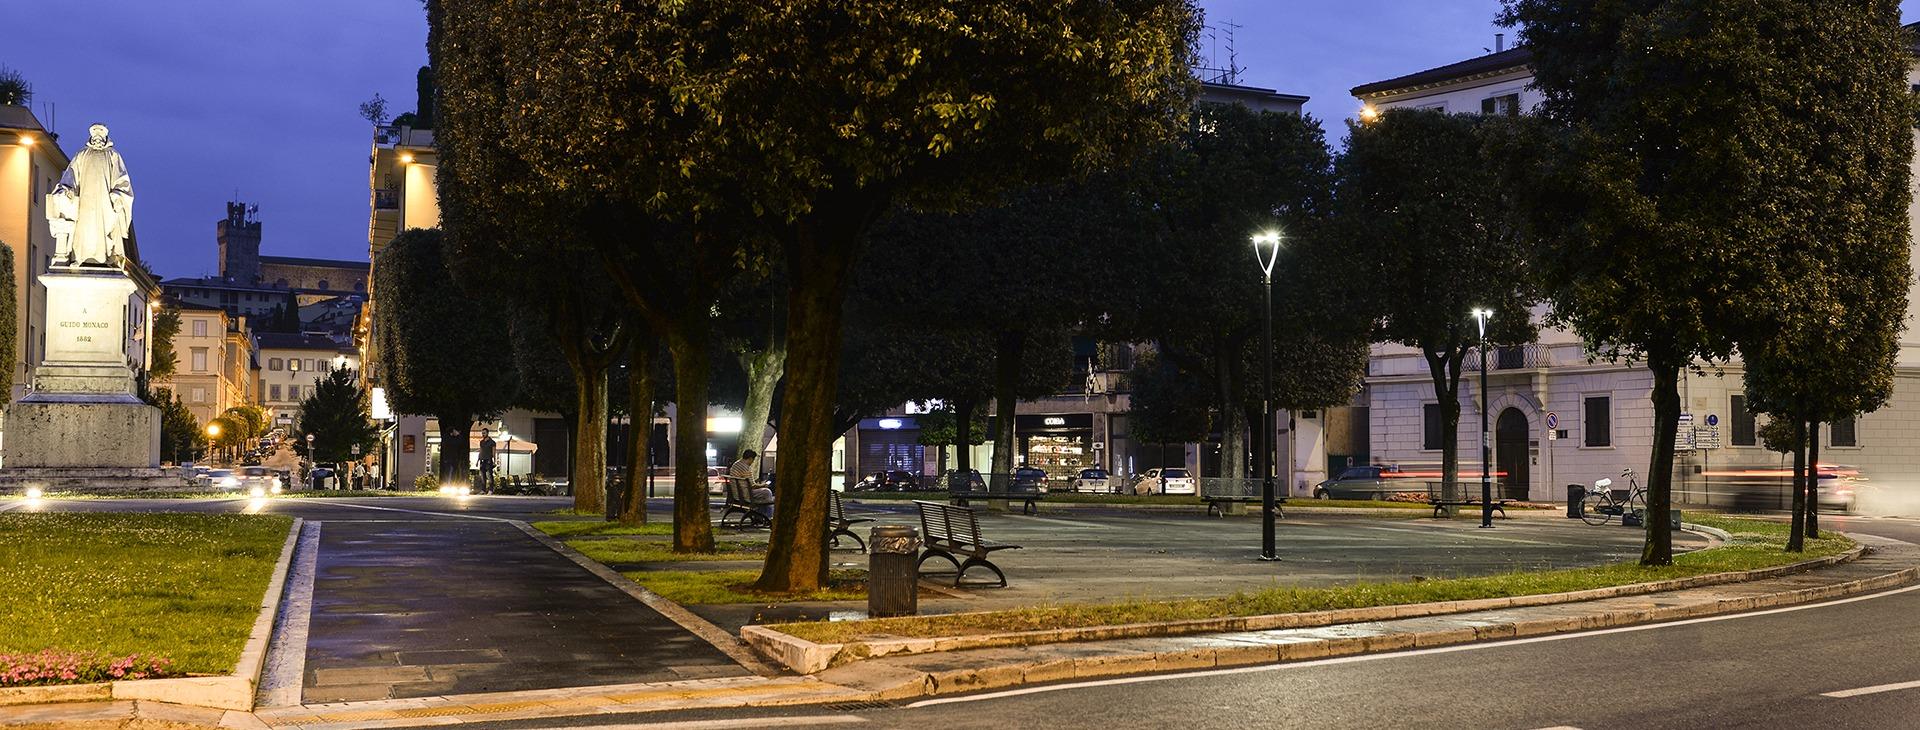 MILANO lampadaire led routiers et urbains